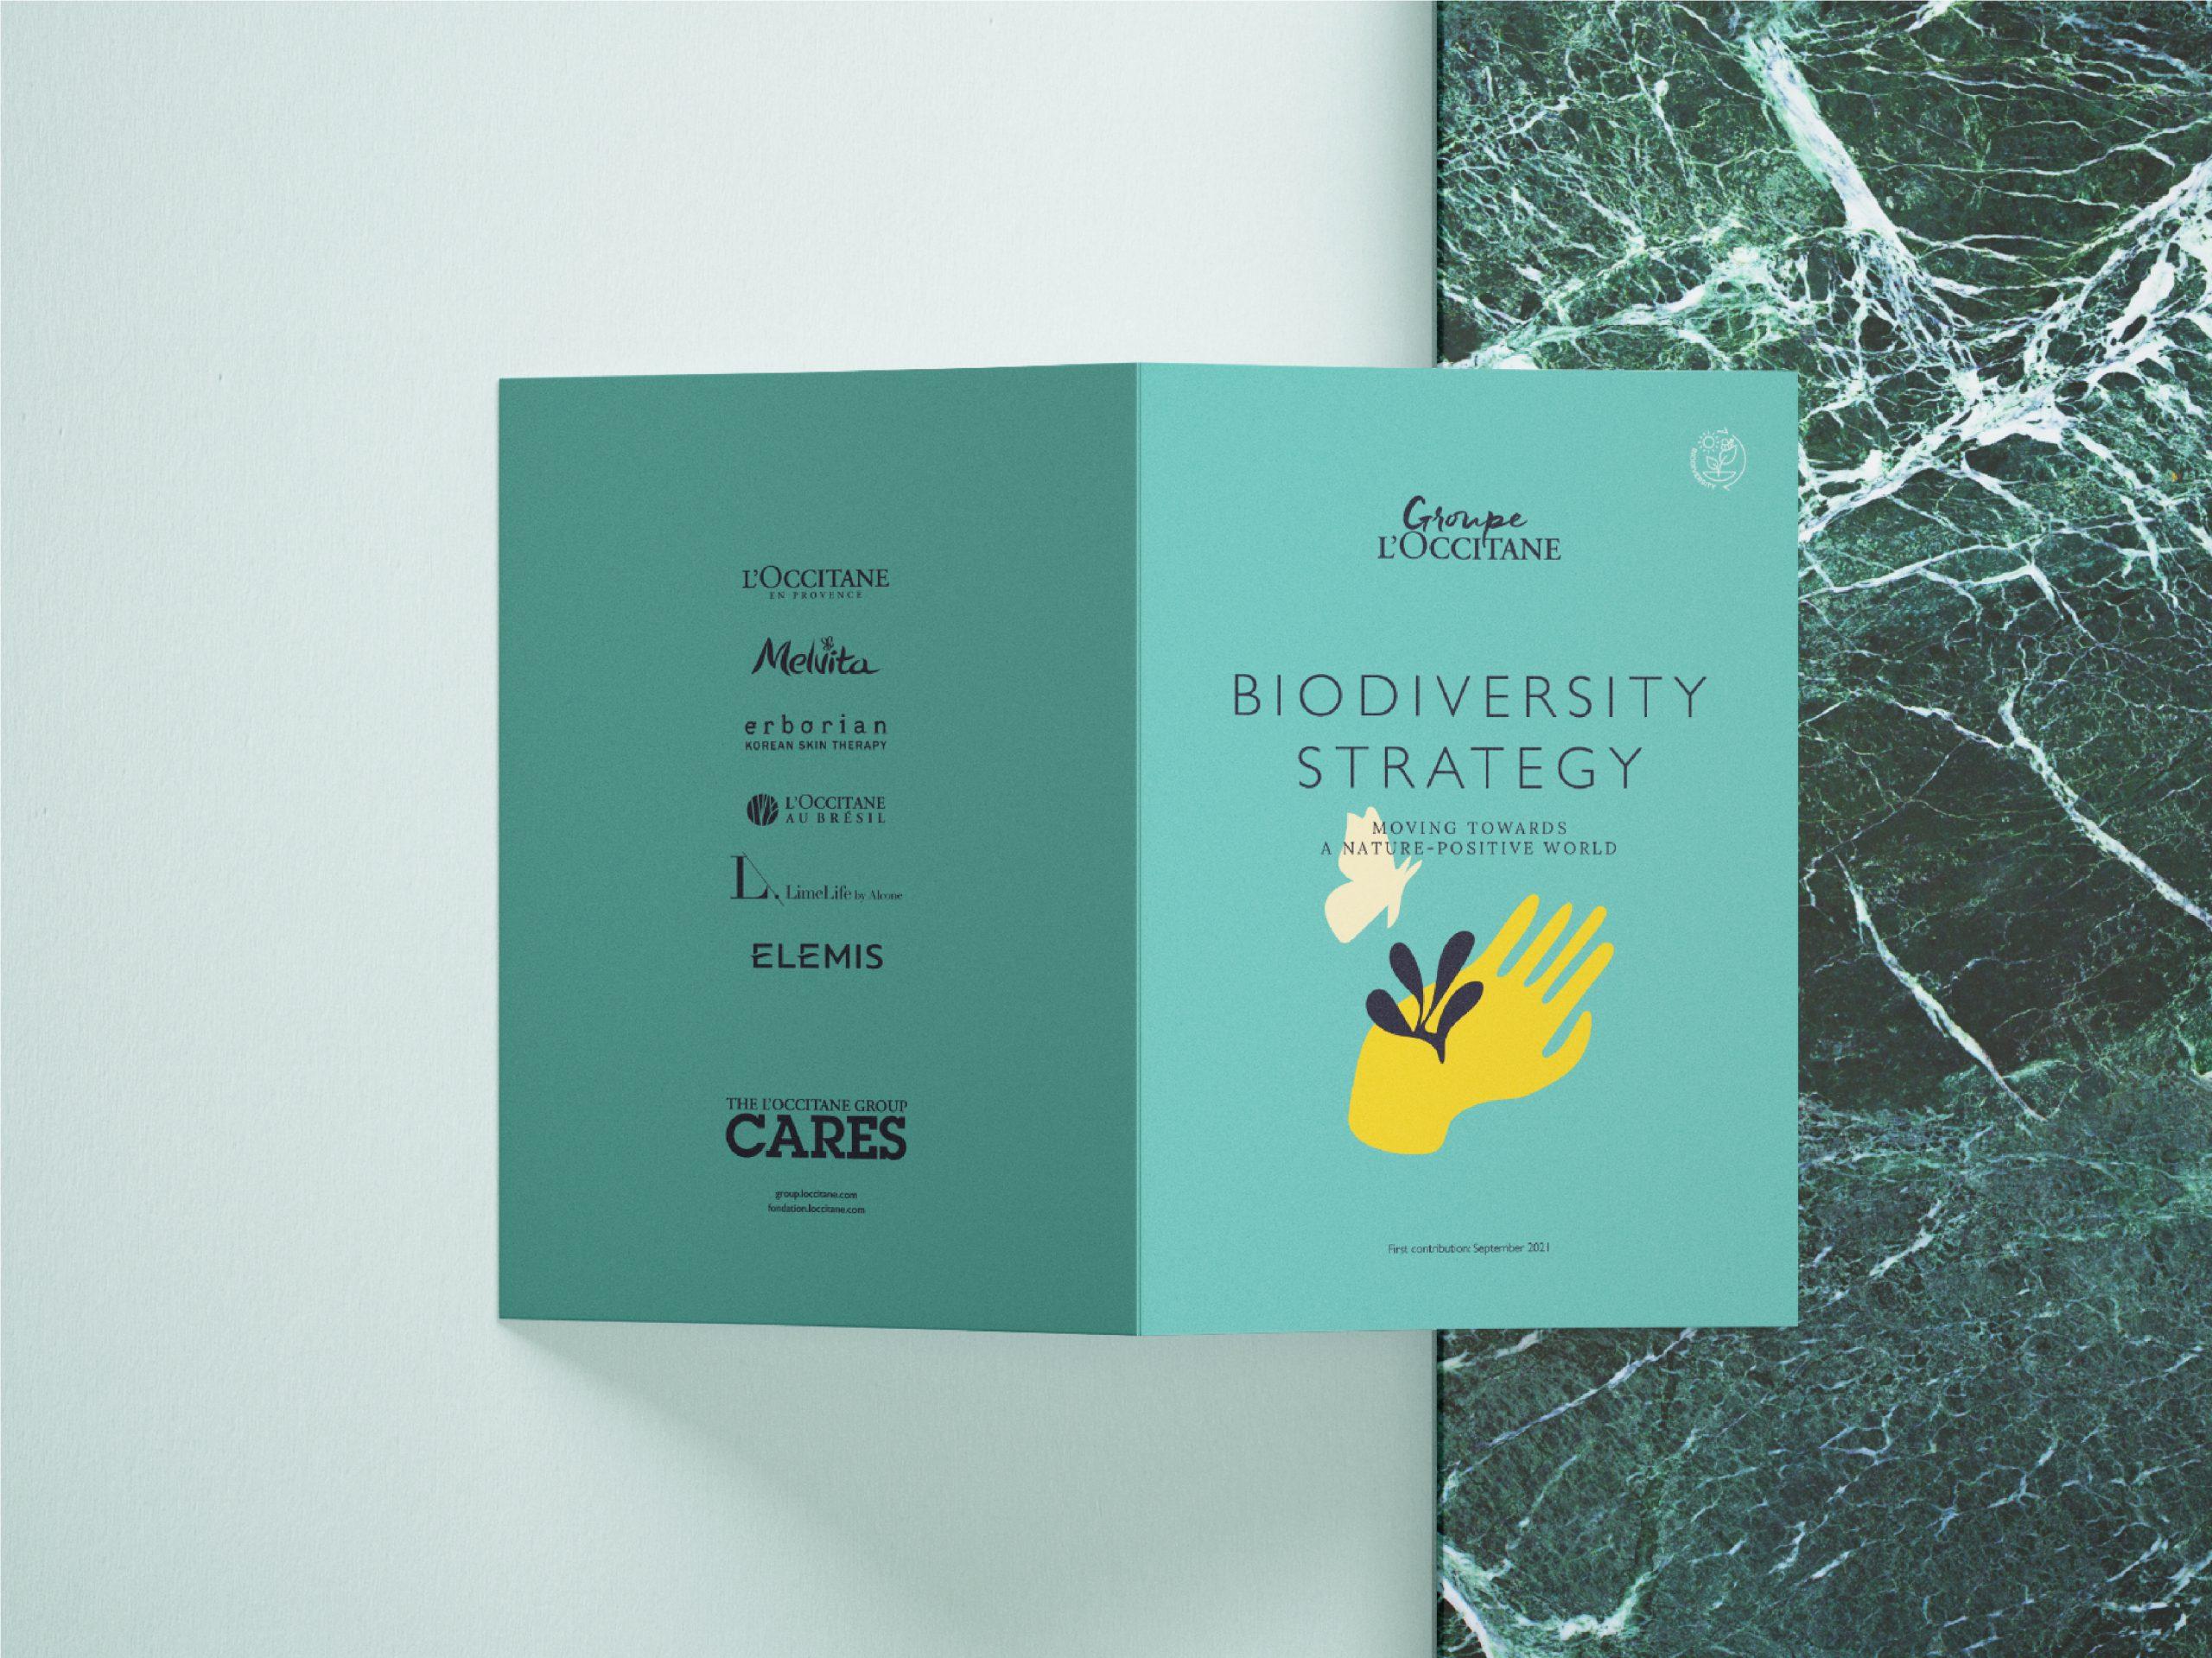 Livret Biodiversité Groupe L'occcitane